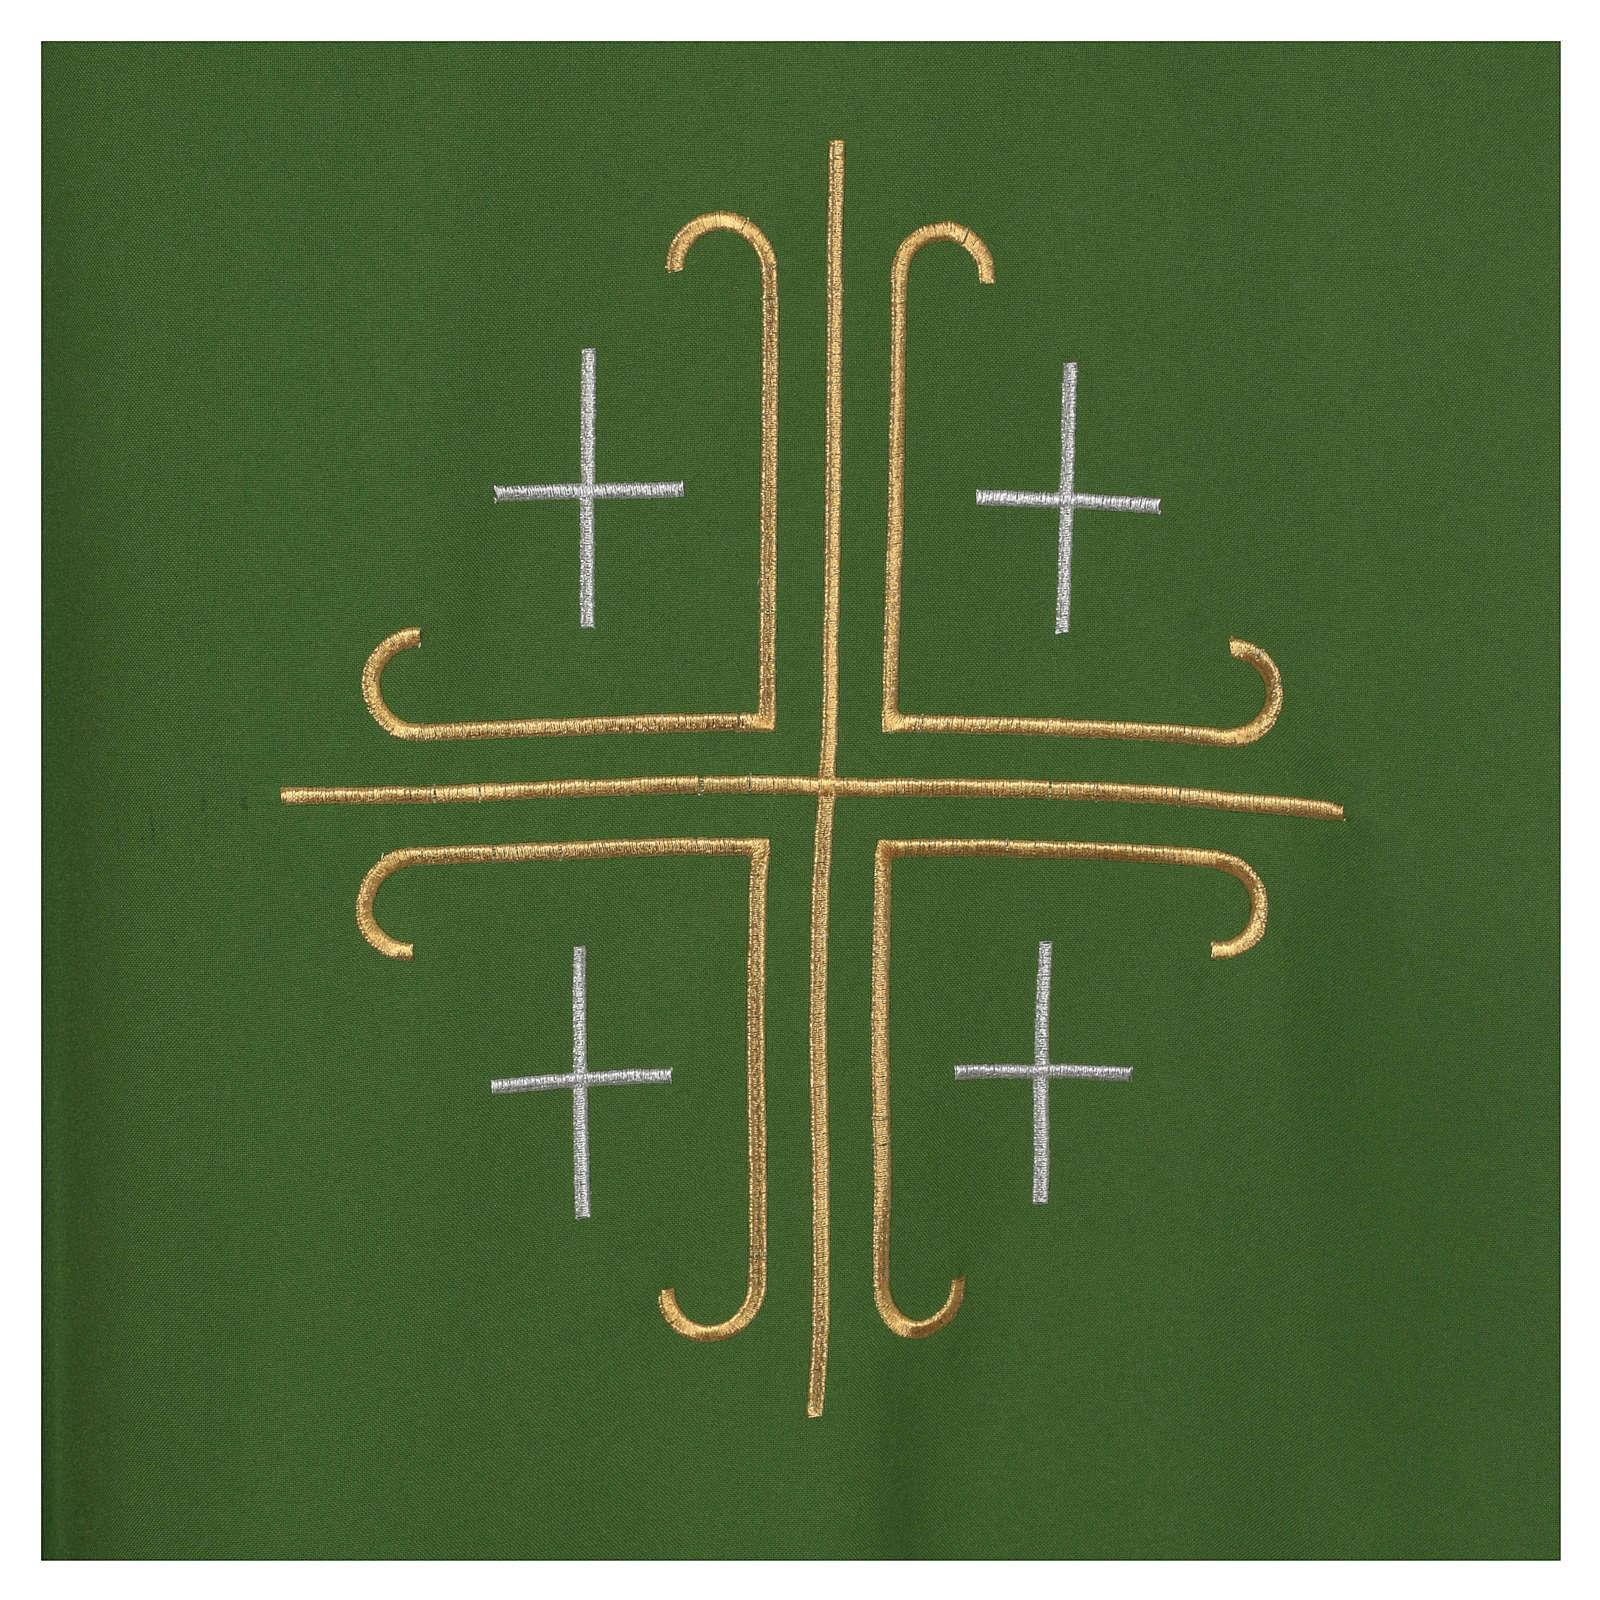 Casula crepe poliestere croce centrale e quattro croci 4